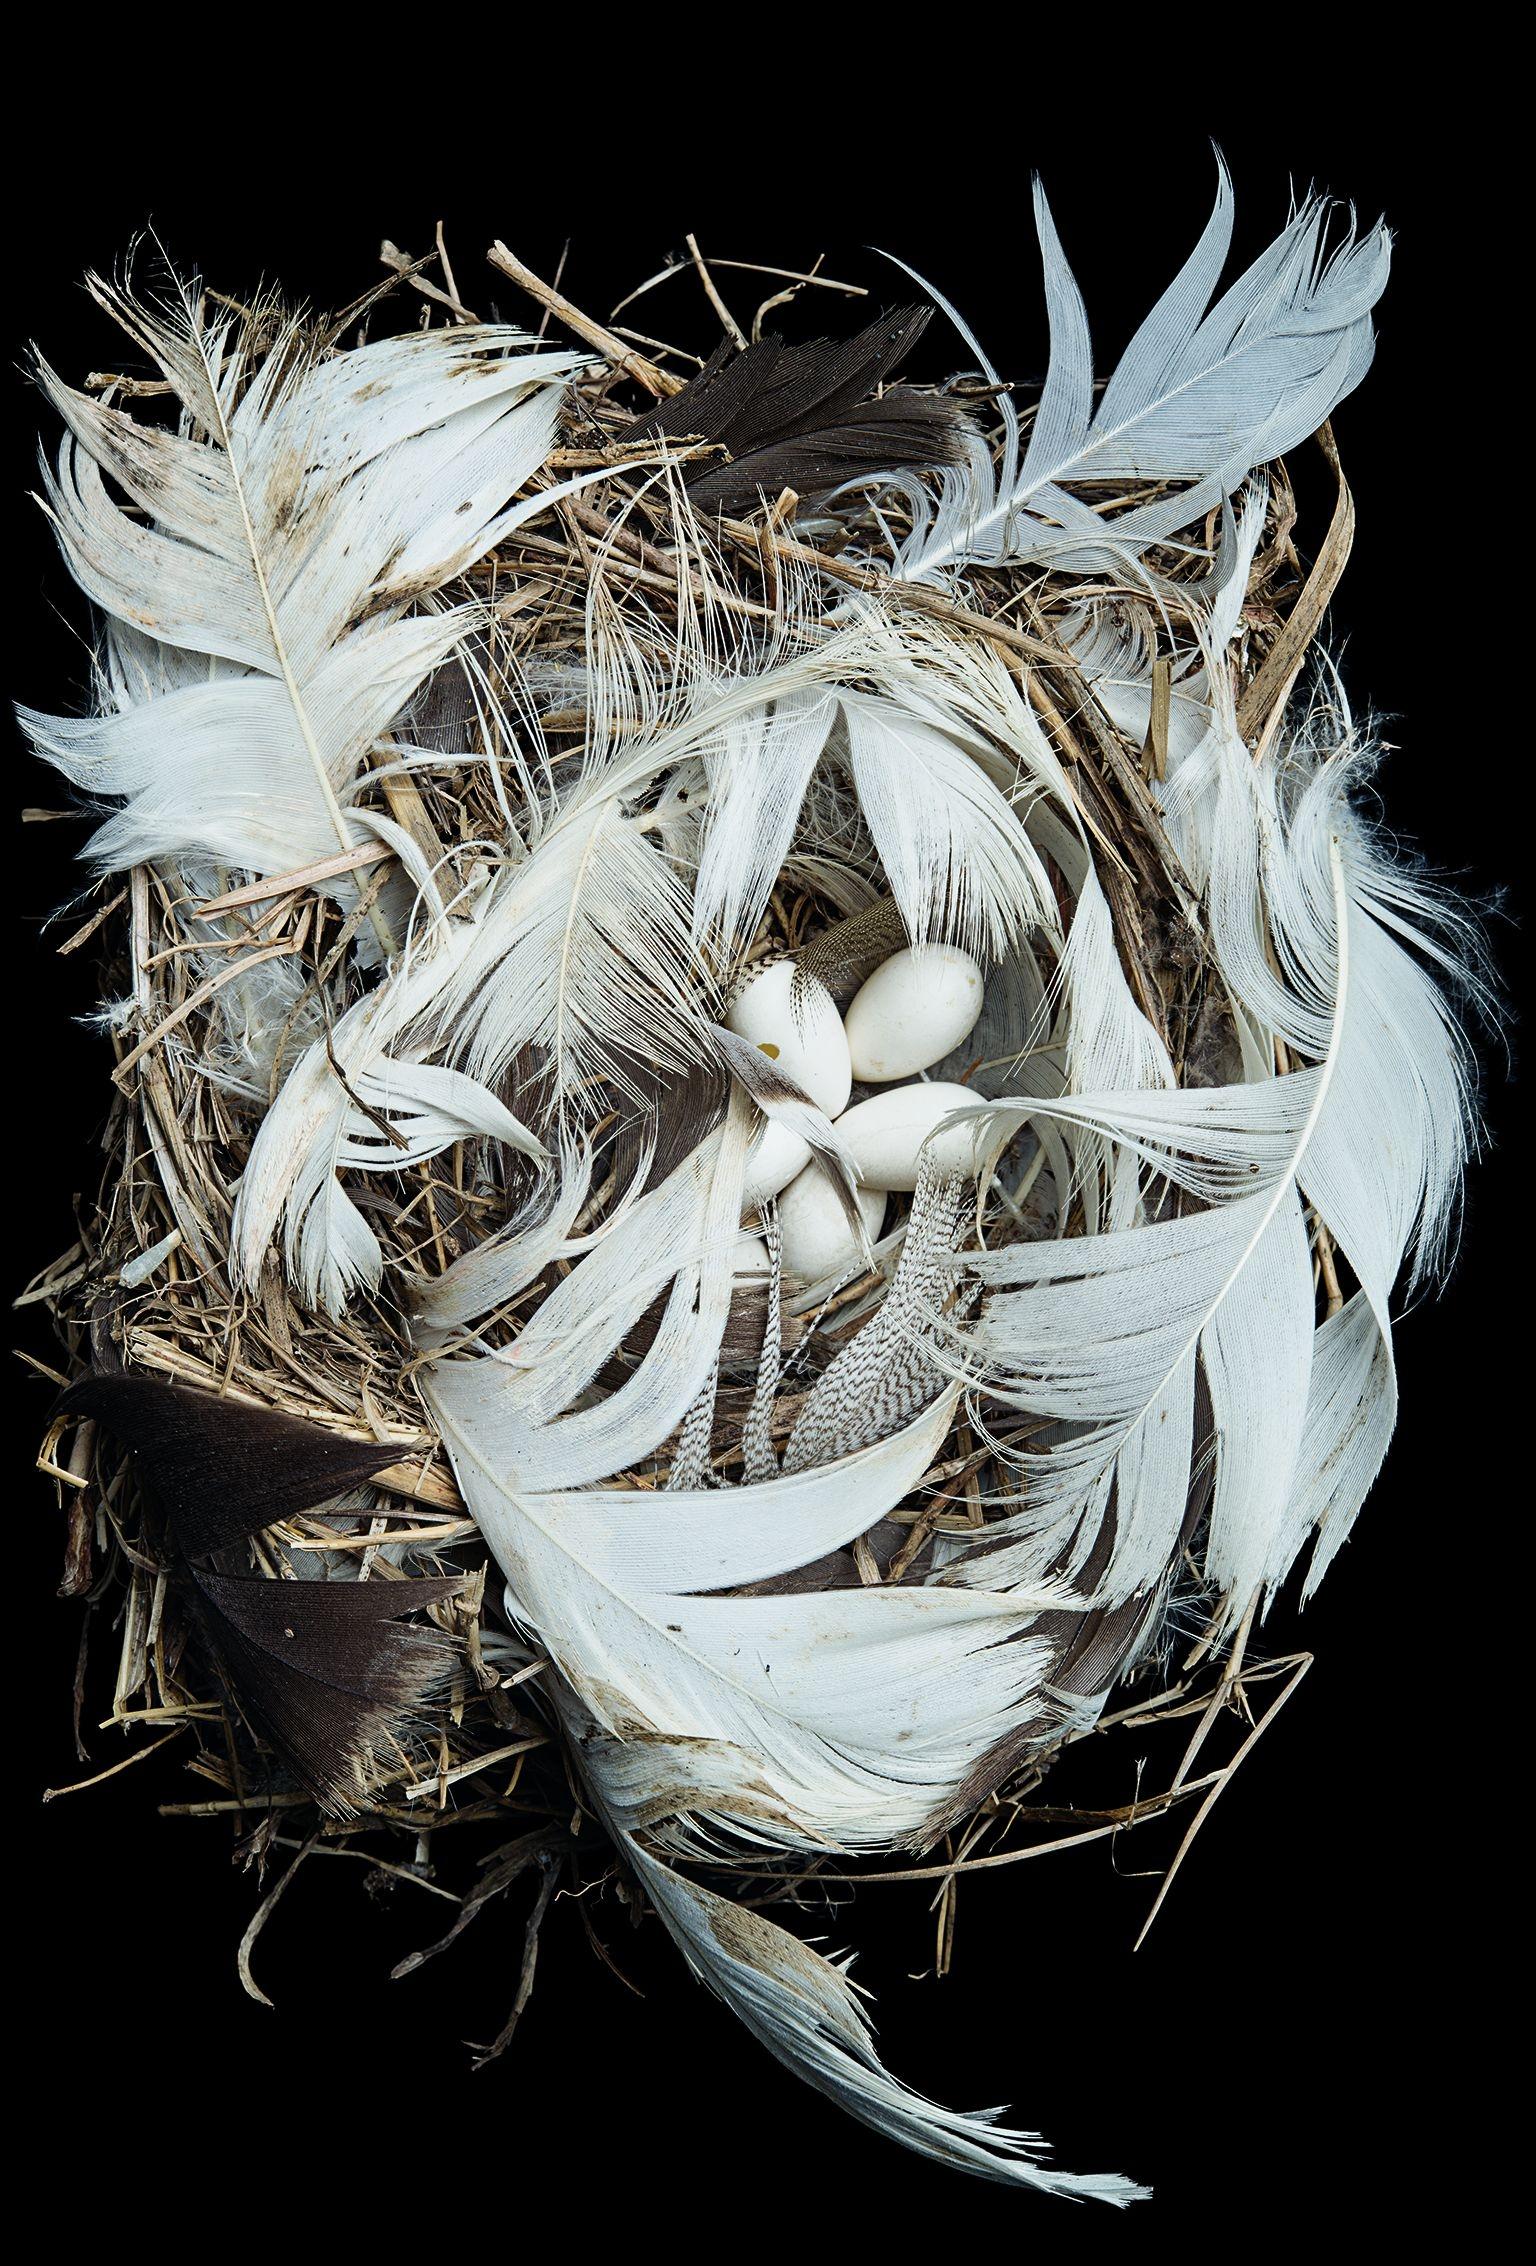 雙色樹燕,康乃爾大學脊椎動物博物館;1995年在華盛頓州塔圖許島採集。PHOTOS: SHARON BEALS. SOURCES: MARK C. MAINWARING, IAN R. HARTLEY,MARCEL M. LAMBRECHTS, D. CHARLES DEEMING